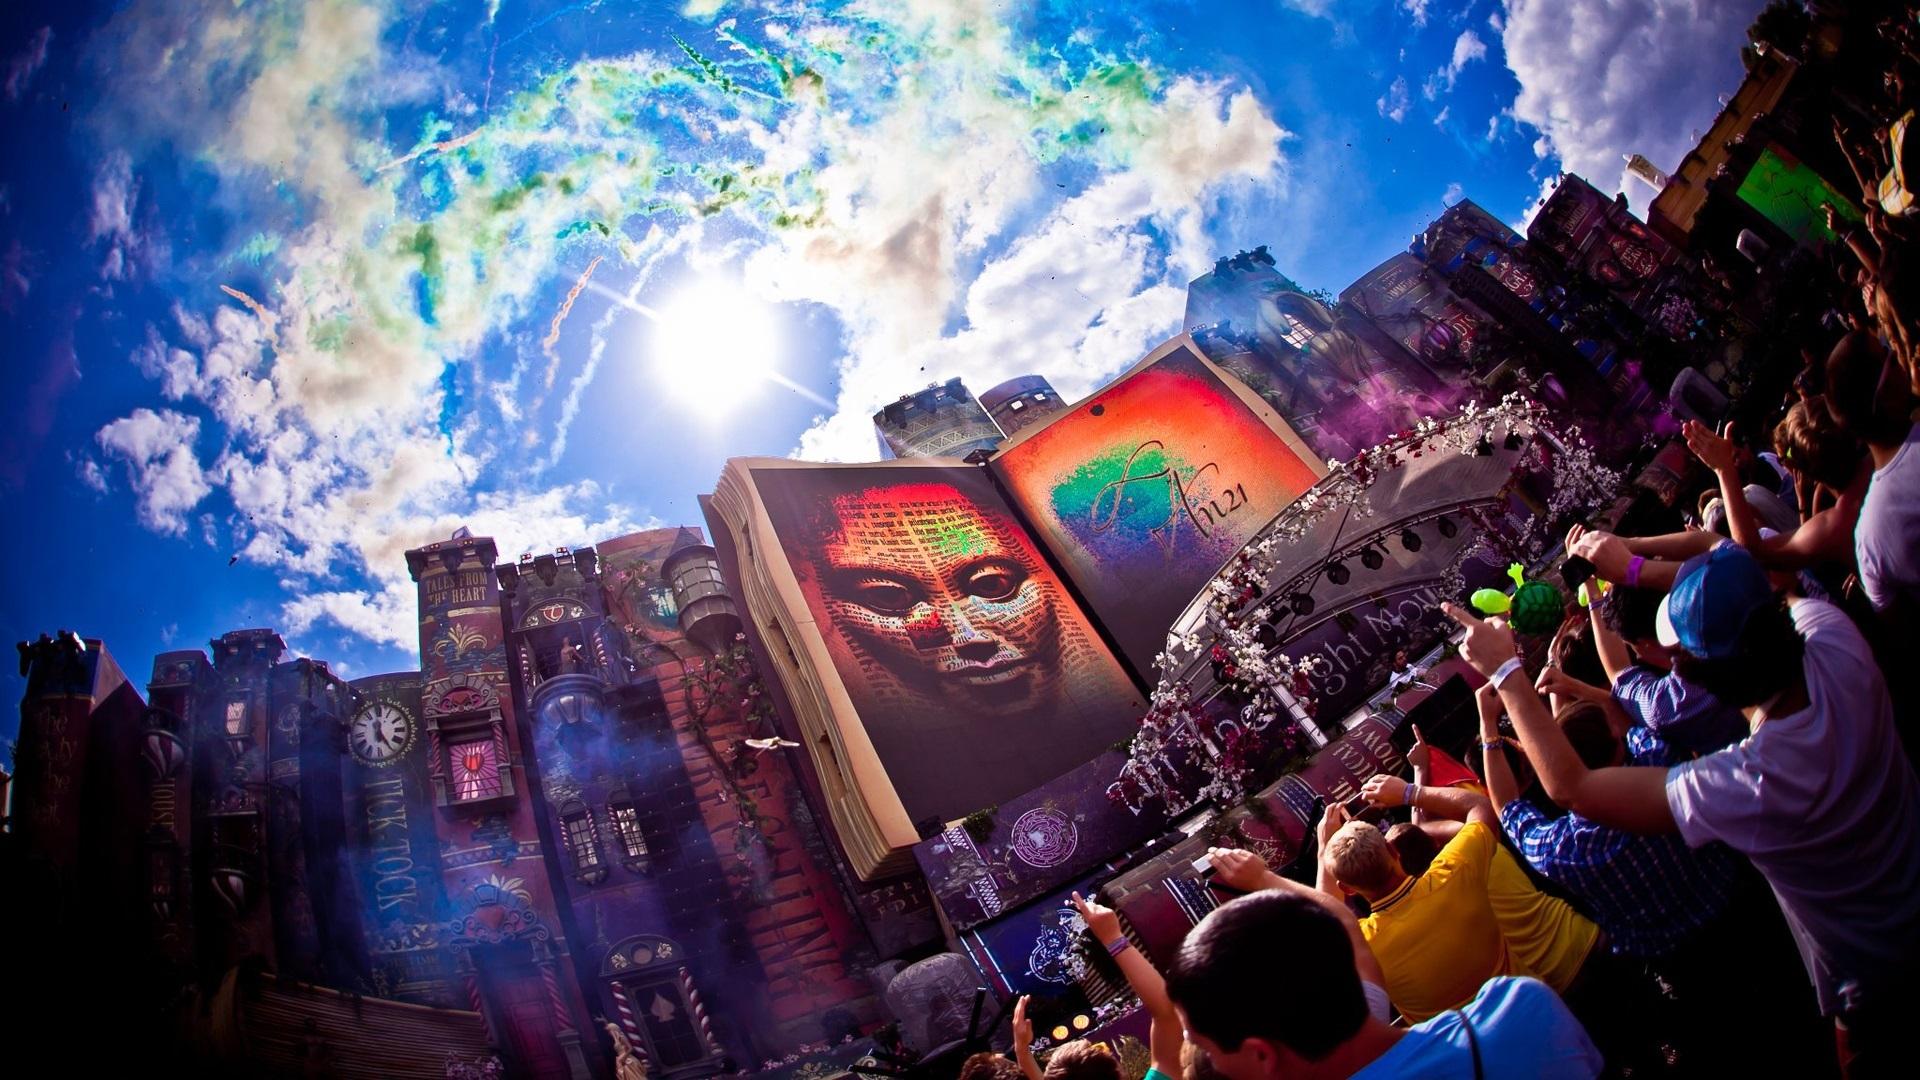 Cool Festival Wallpaper